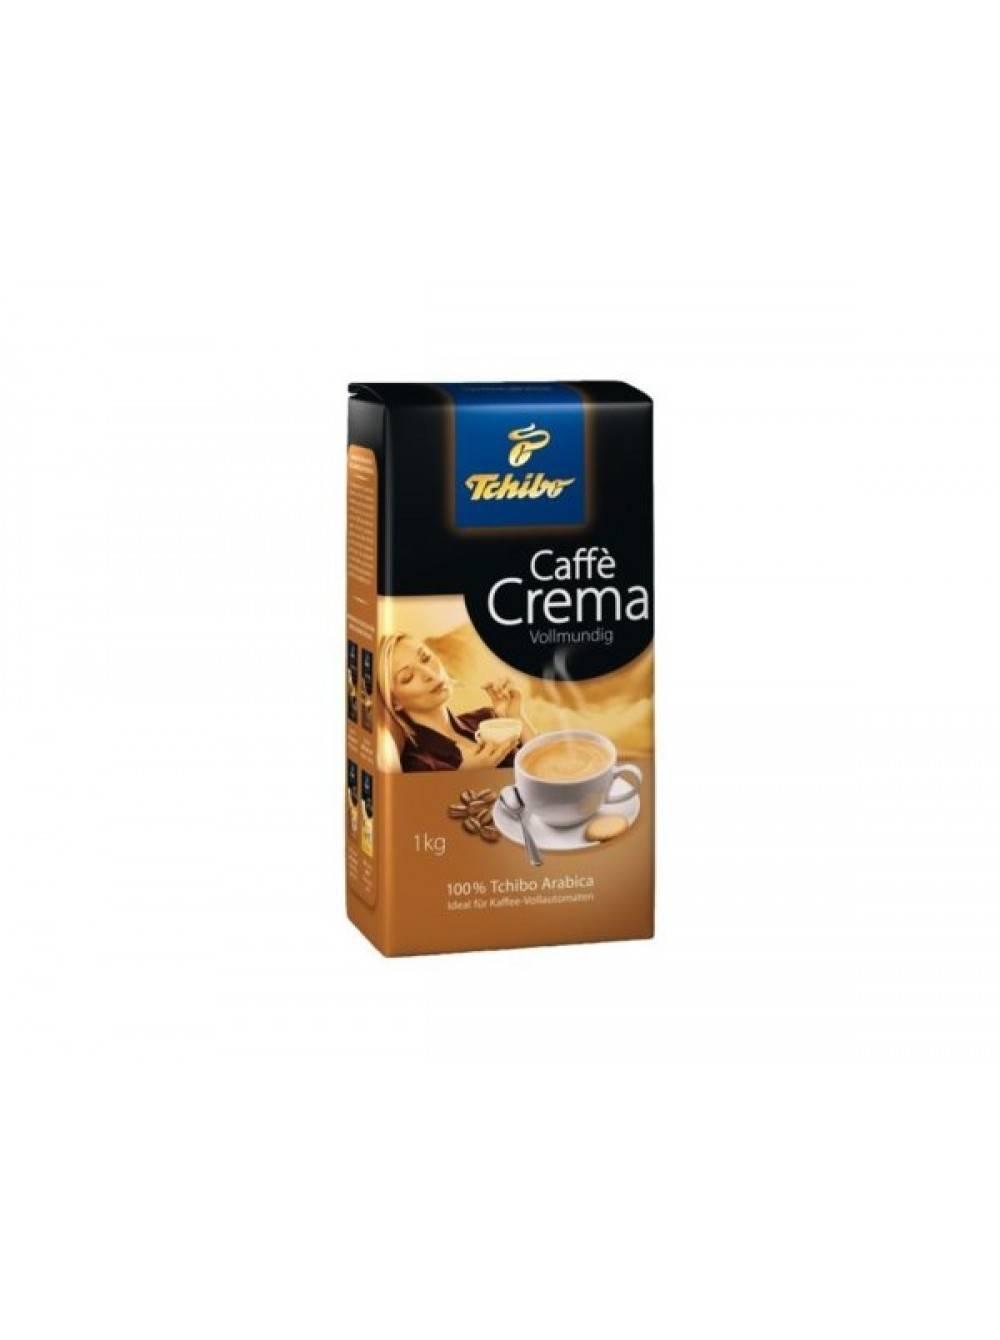 Особенности кофе tchibo